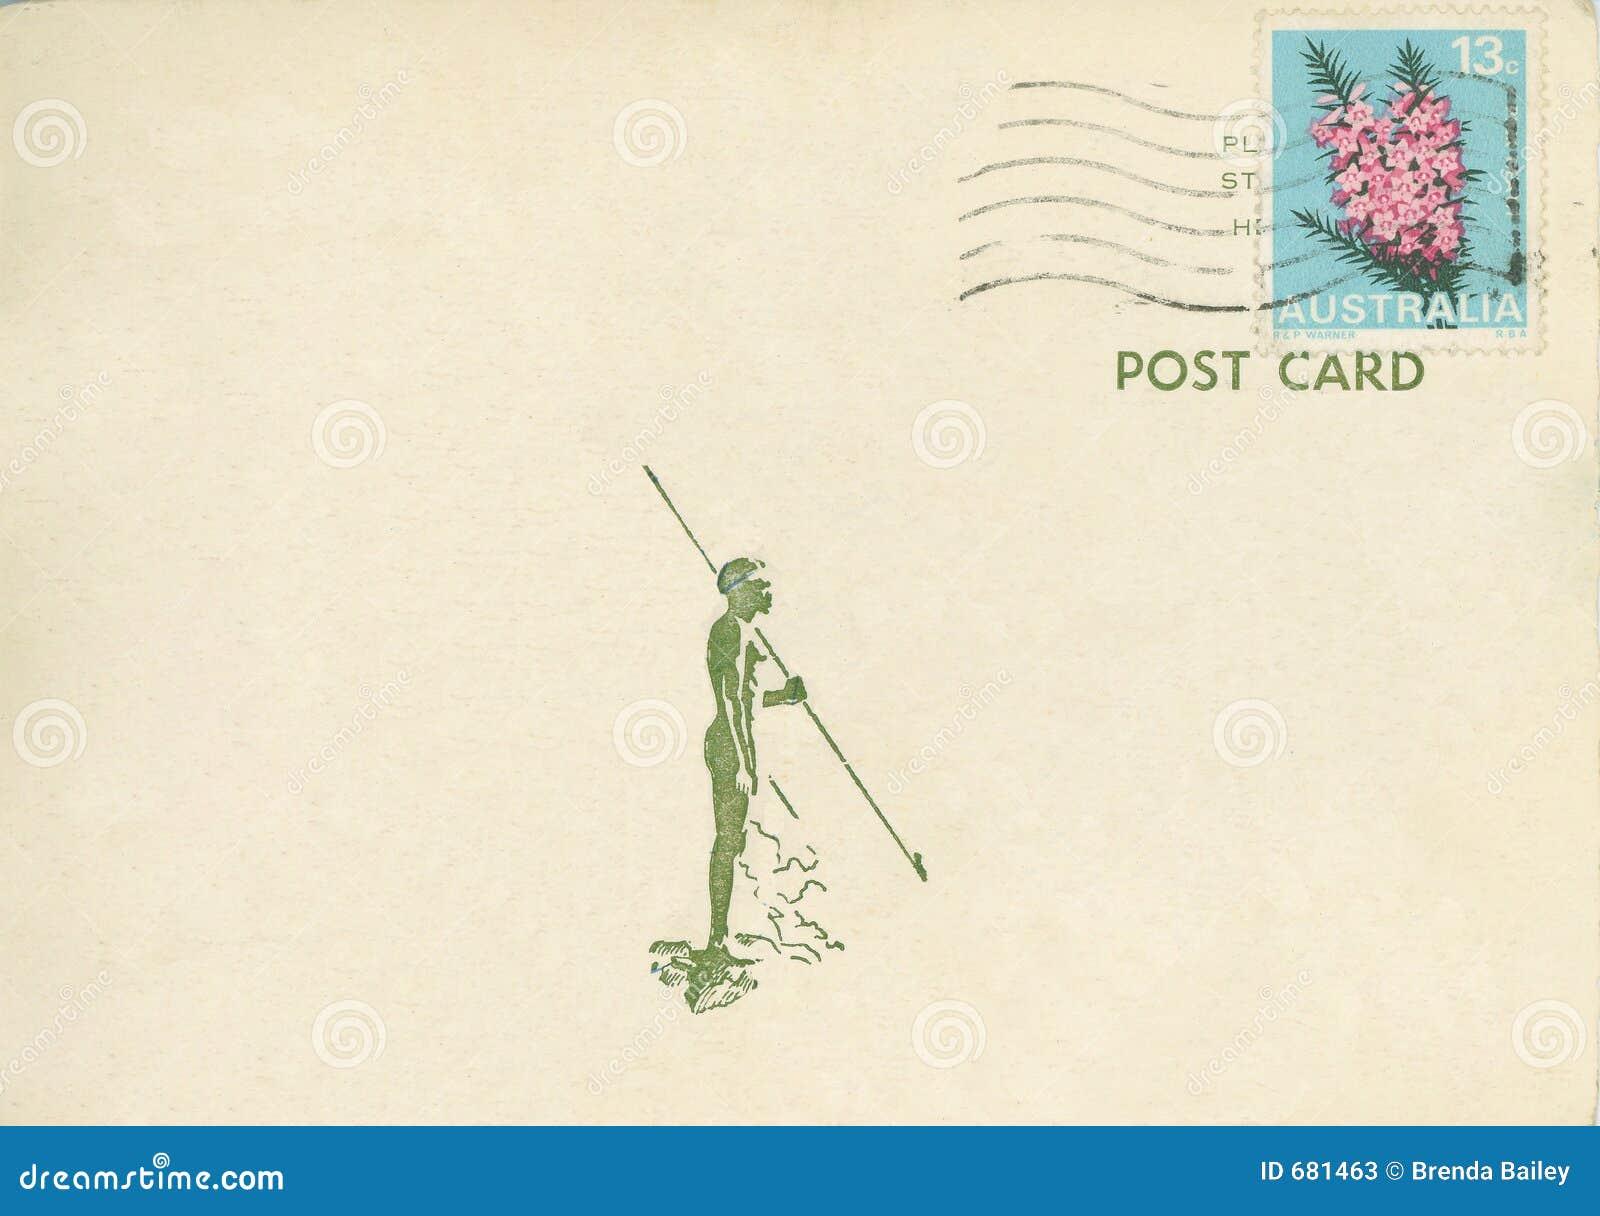 Vintage Postcard Australia Stock Photos - Image: 681463